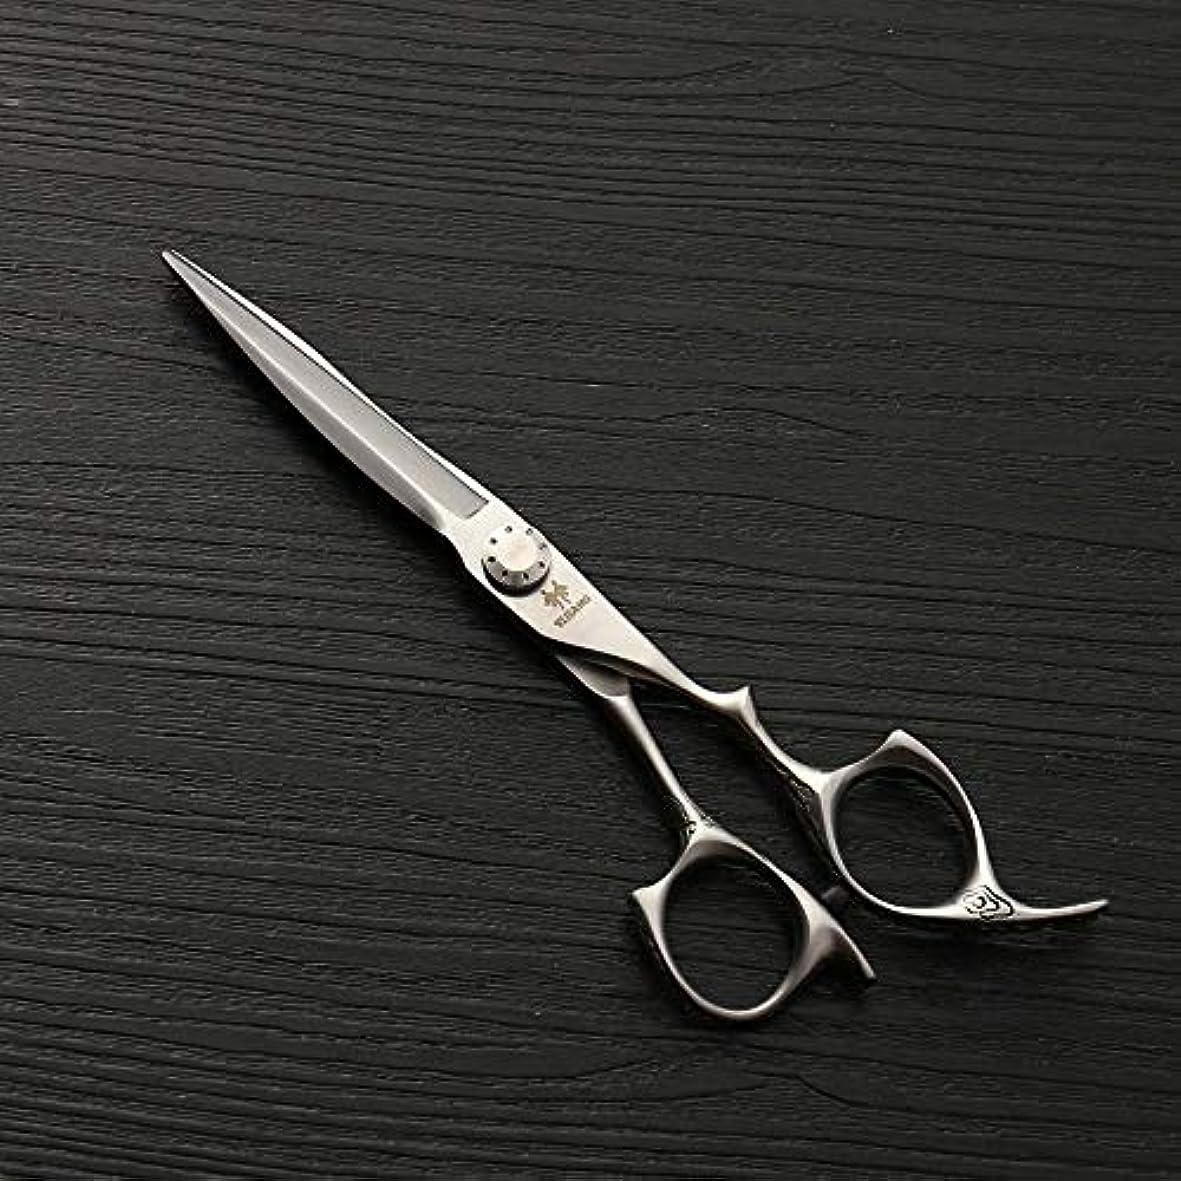 大気うめき喜び理髪用はさみ 6インチのステンレス鋼の理髪はさみ、美容院の特別なヘアカットの平らなはさみの毛の切断はさみステンレス理髪師のはさみ (色 : Silver)